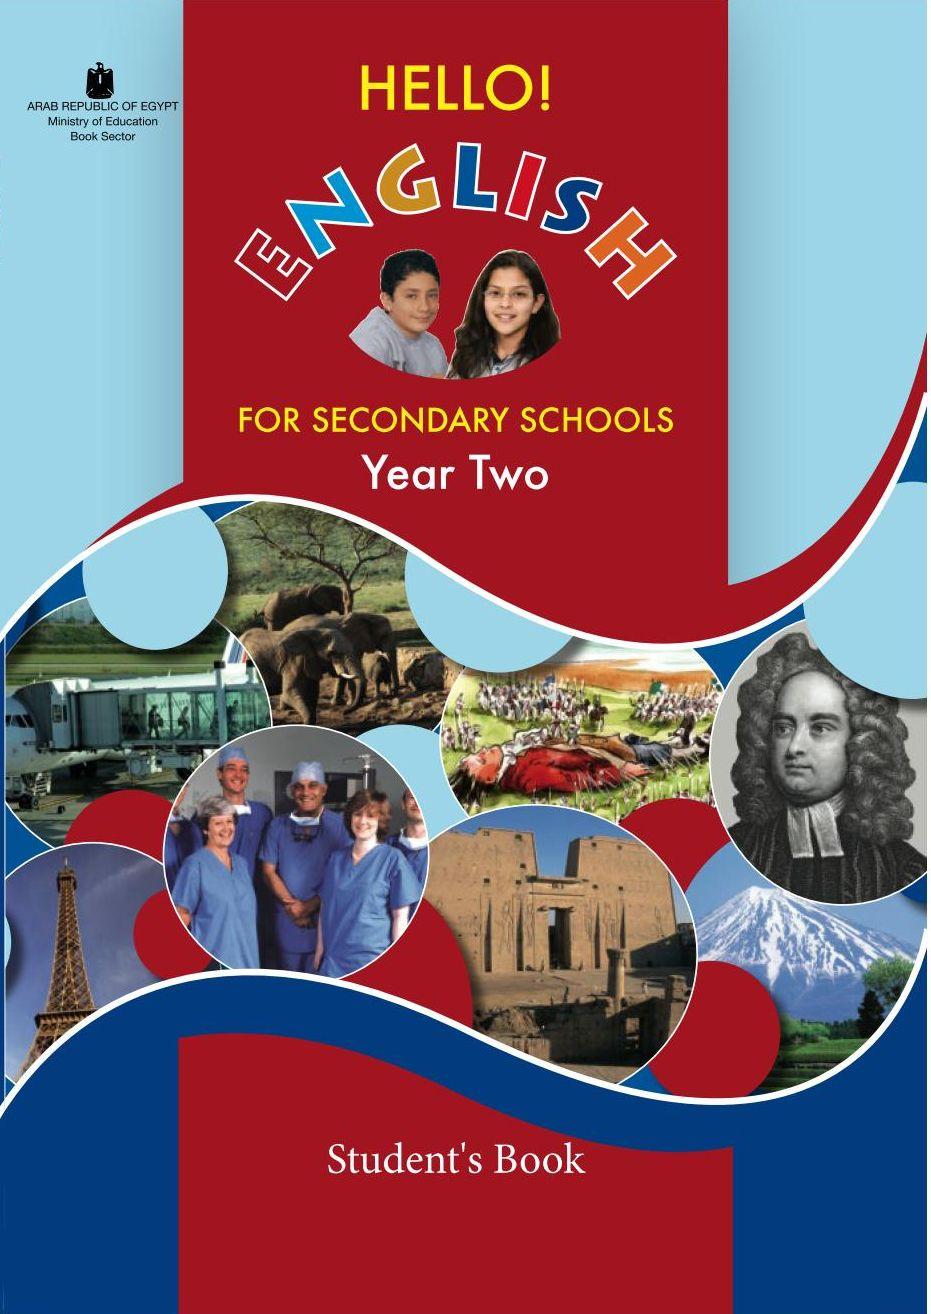 كتاب اللغة الإنجليزية والتطبيقات للصف الثانى الإعدادى الترم الأول والثاني 2019